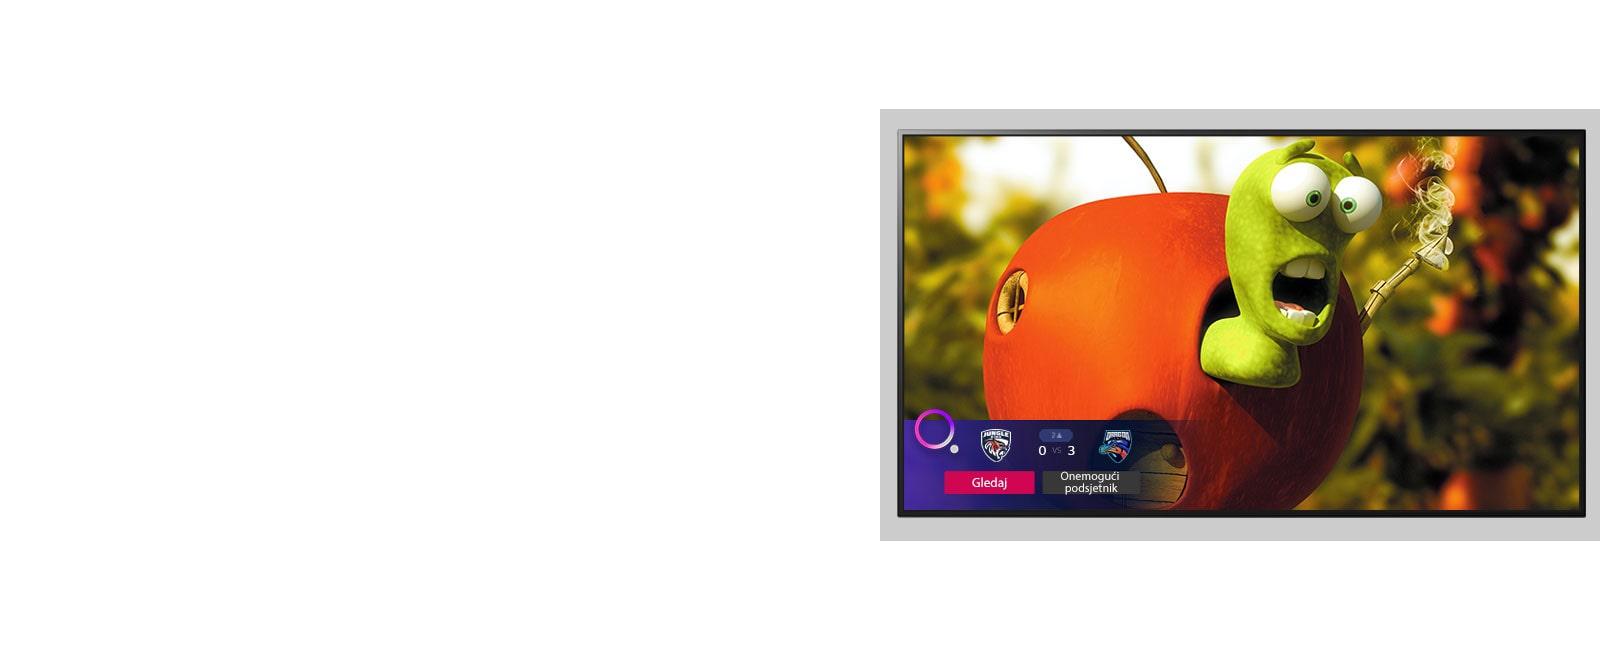 Televizor na kojem je prikazan lik iz animiranog filma i sportski podsjetnik na dnu zaslona.